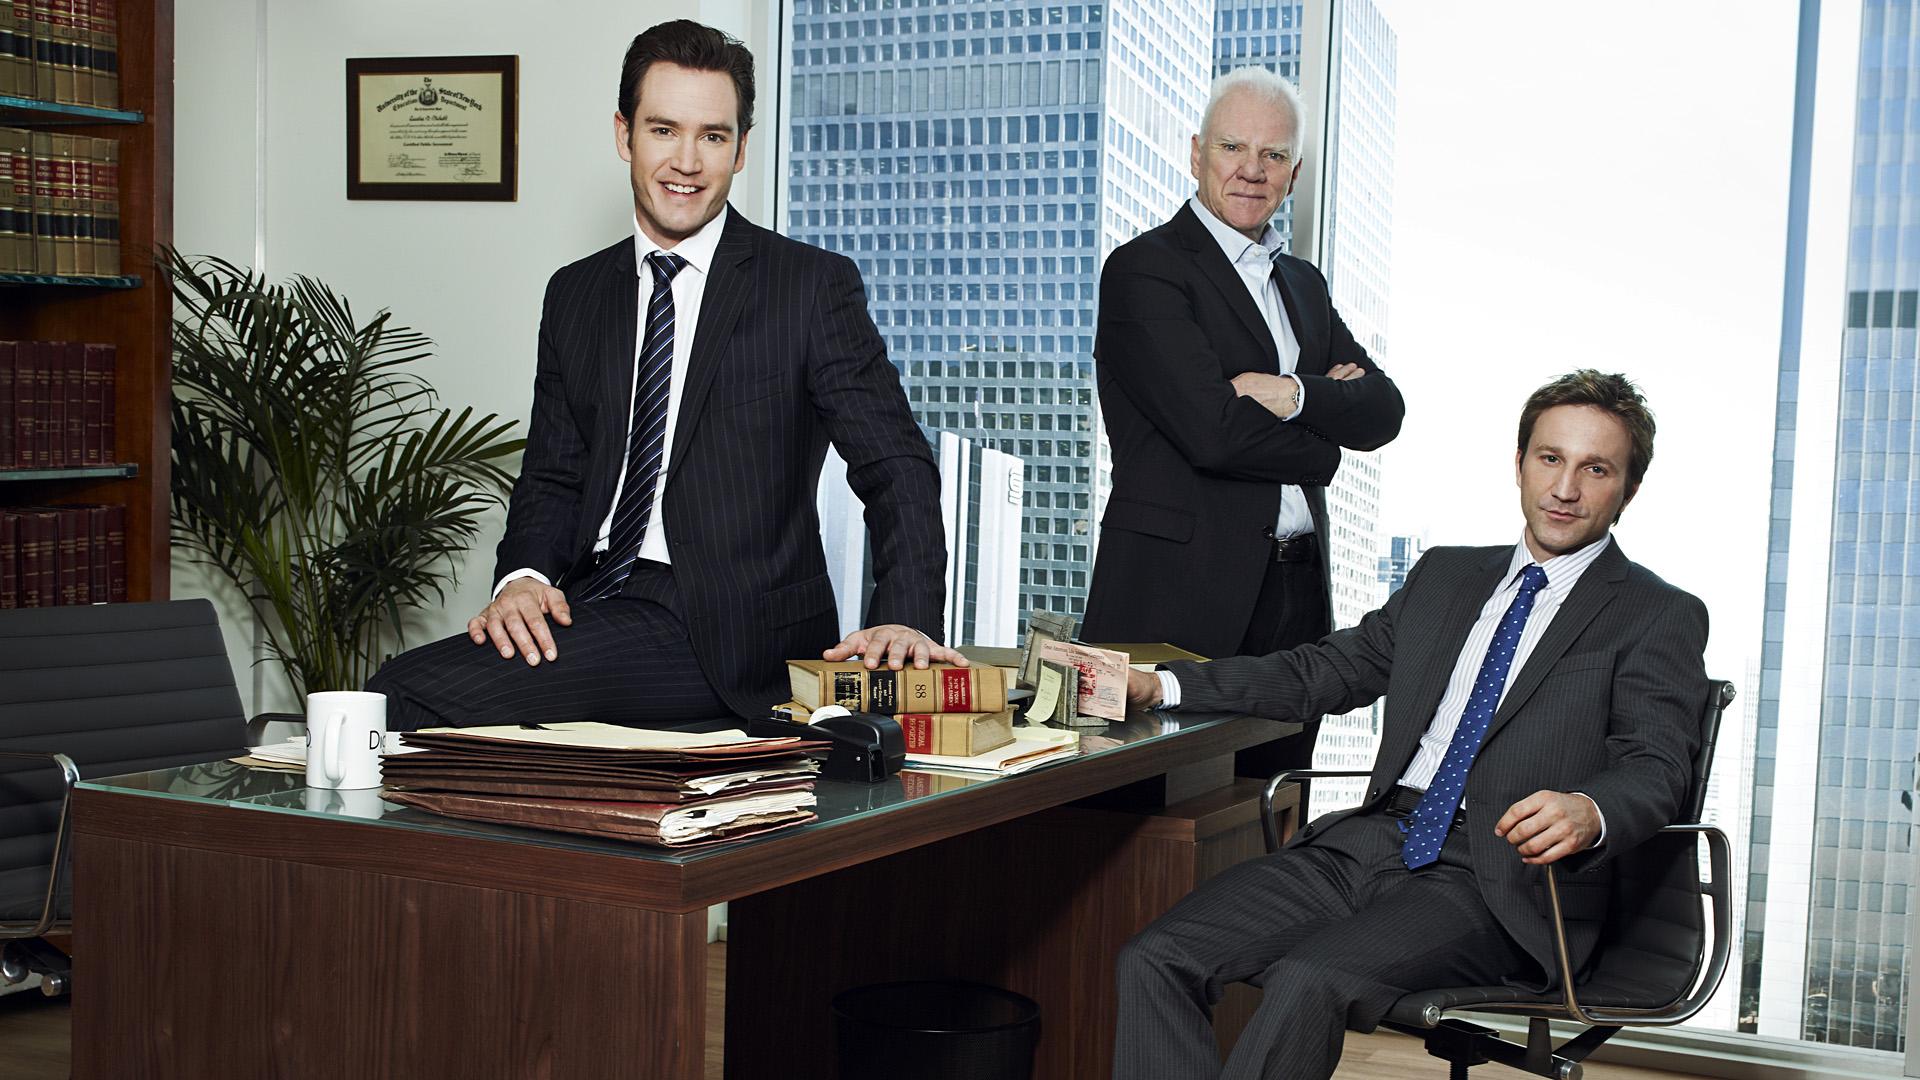 Franklin & Bash vernieuwd met vierde seizoen